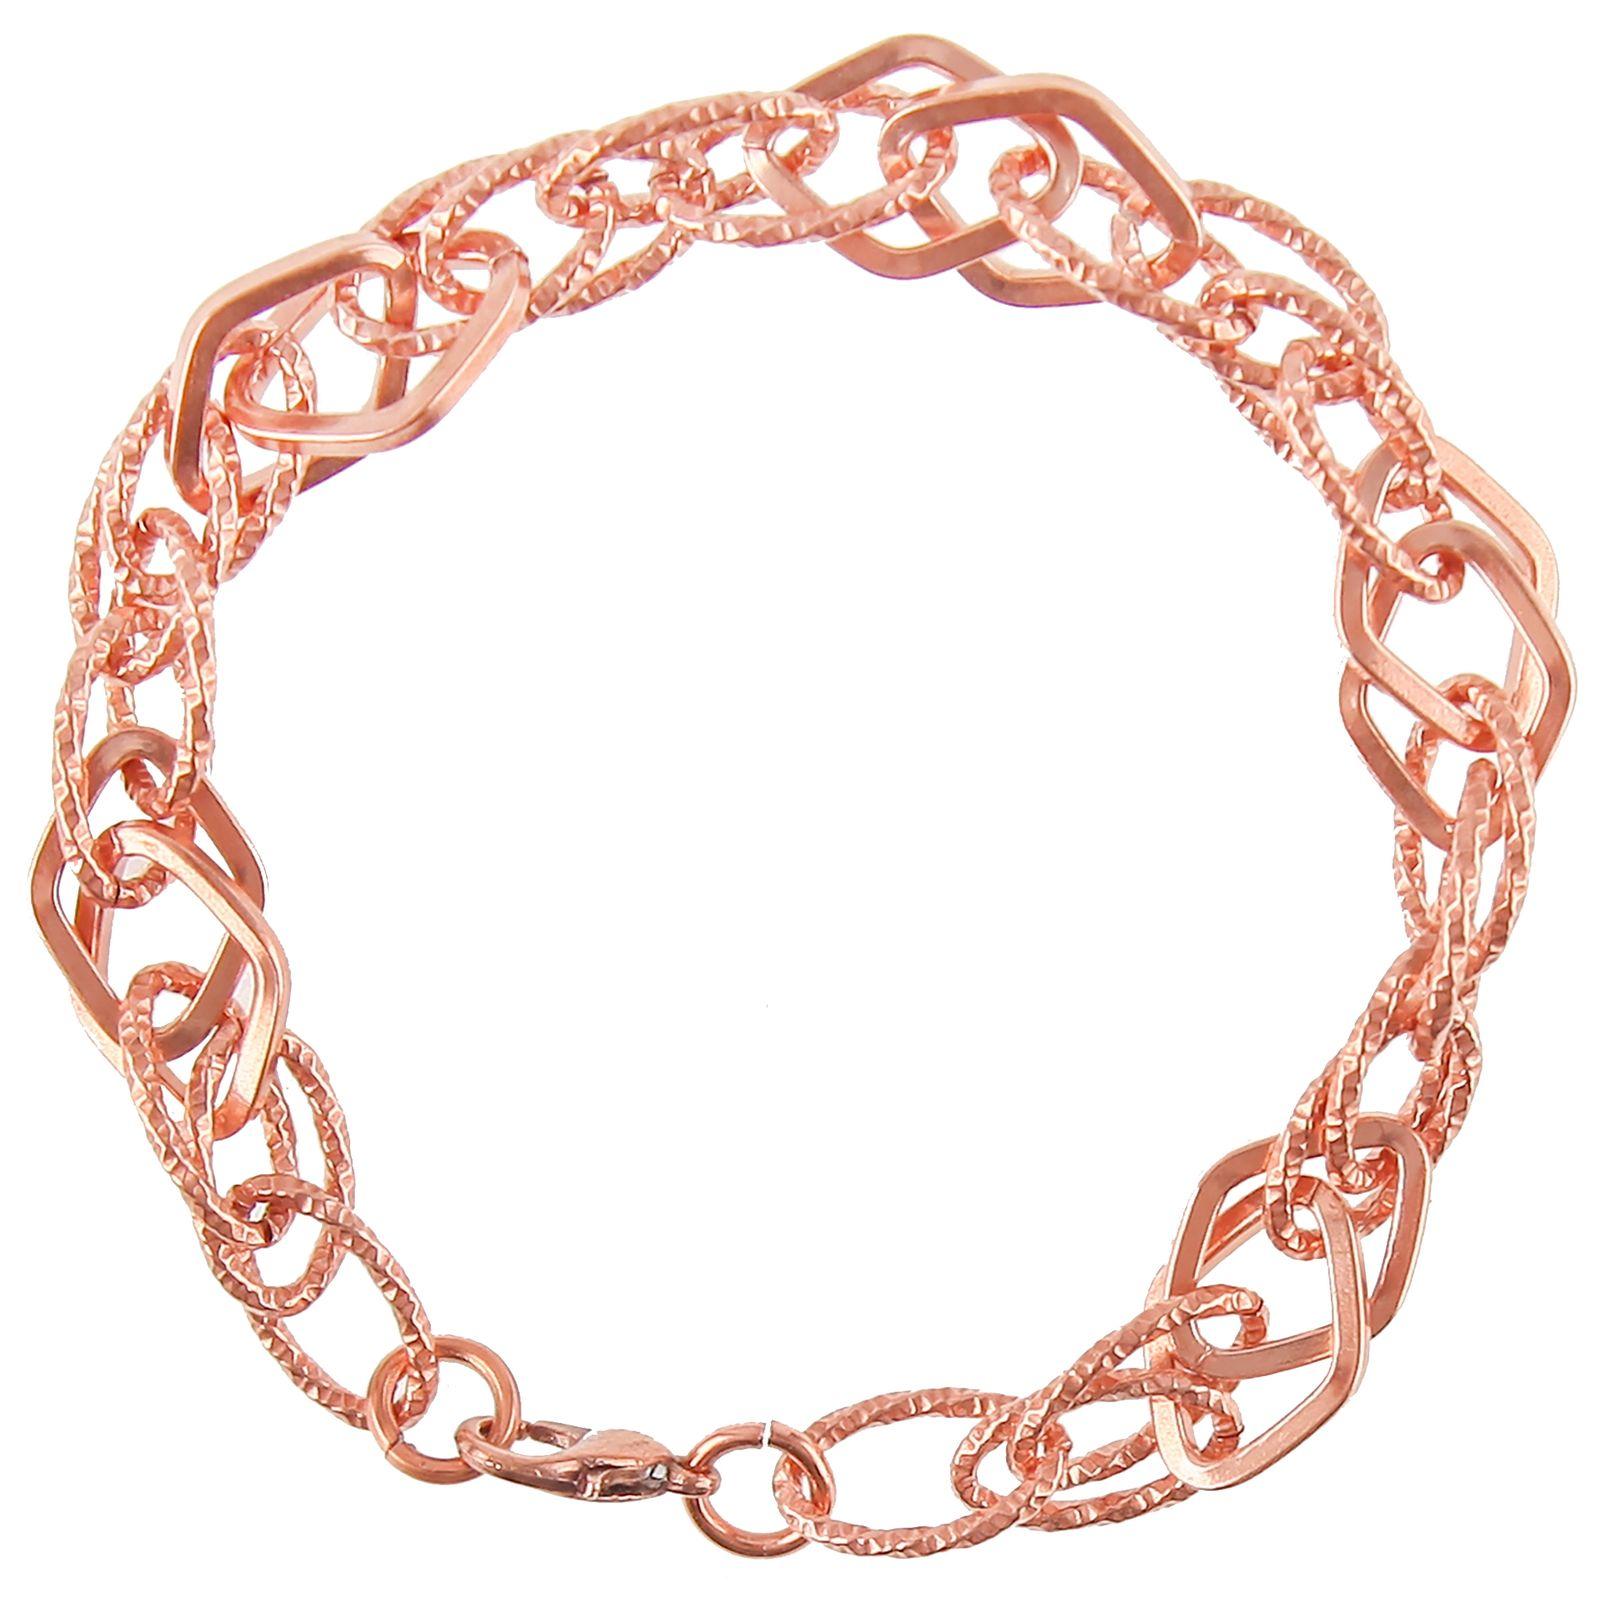 دستبند مسی شاتل گالری مثالین کد 149081 -  - 1